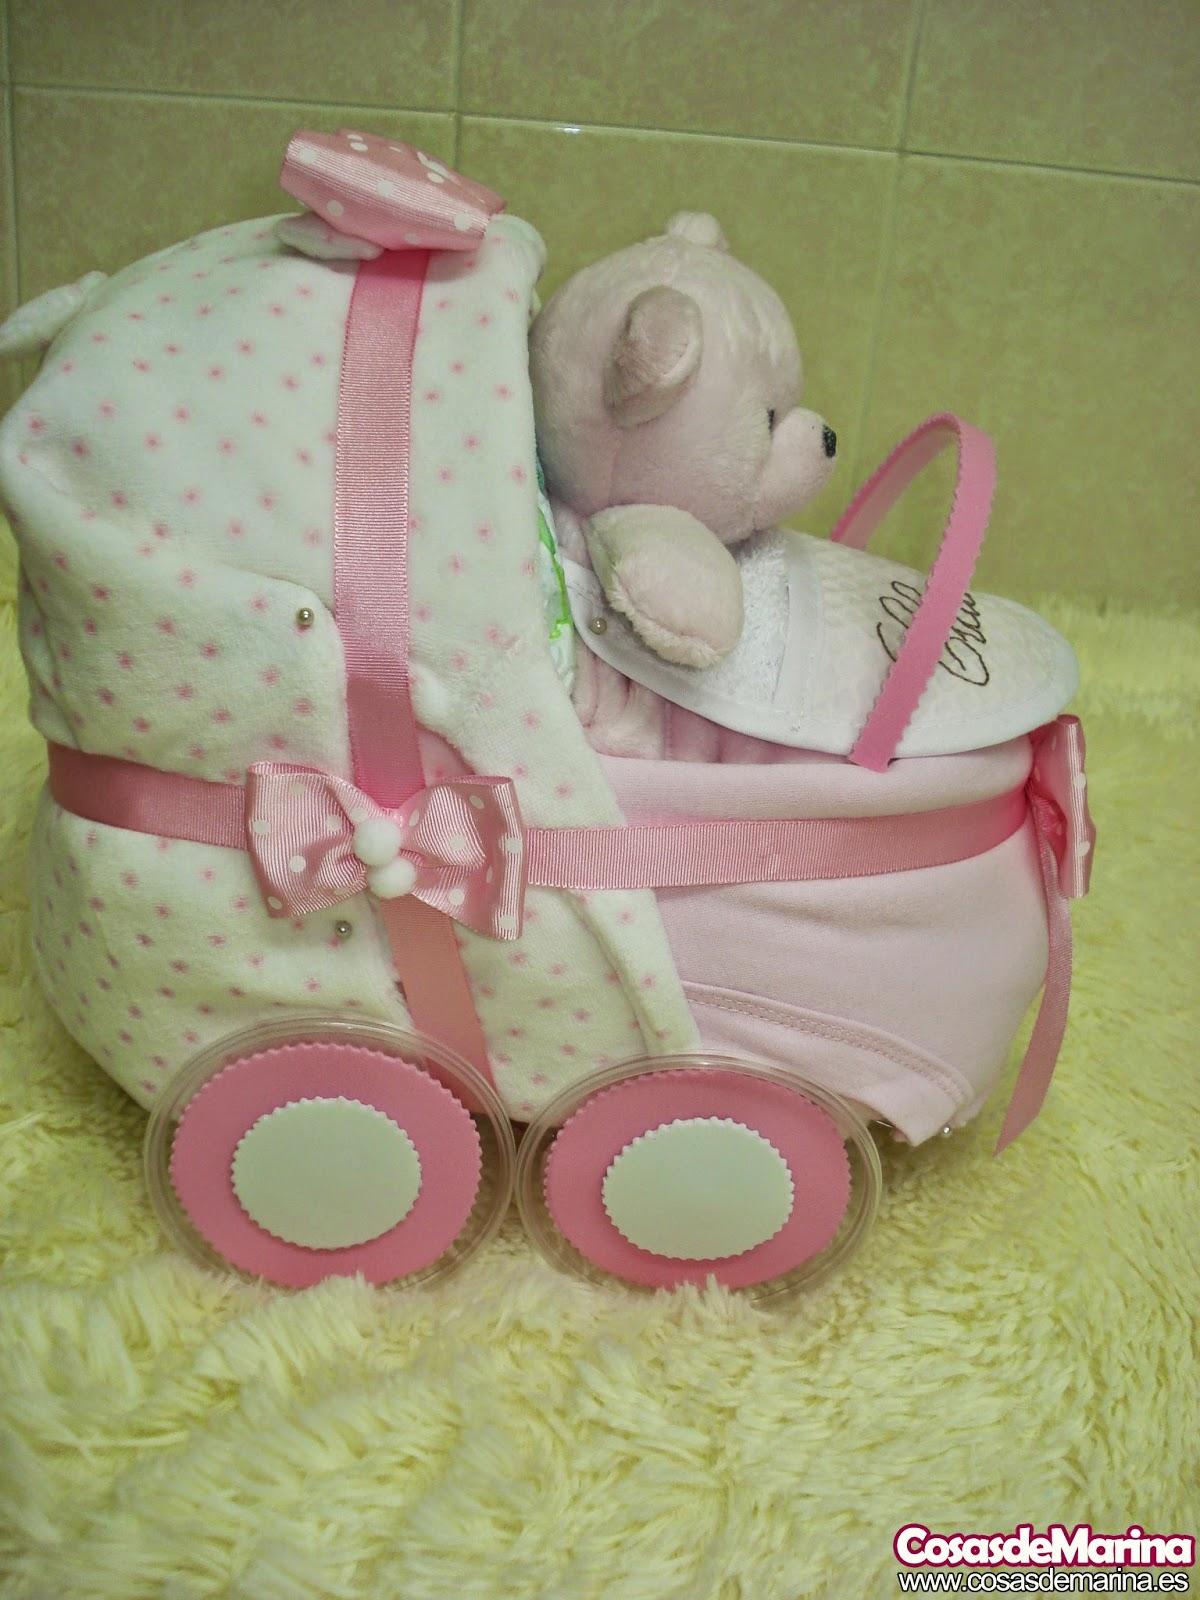 c2416a0a96ef Regalos con pañales, detalles para bebes ... - CosasdeMarina